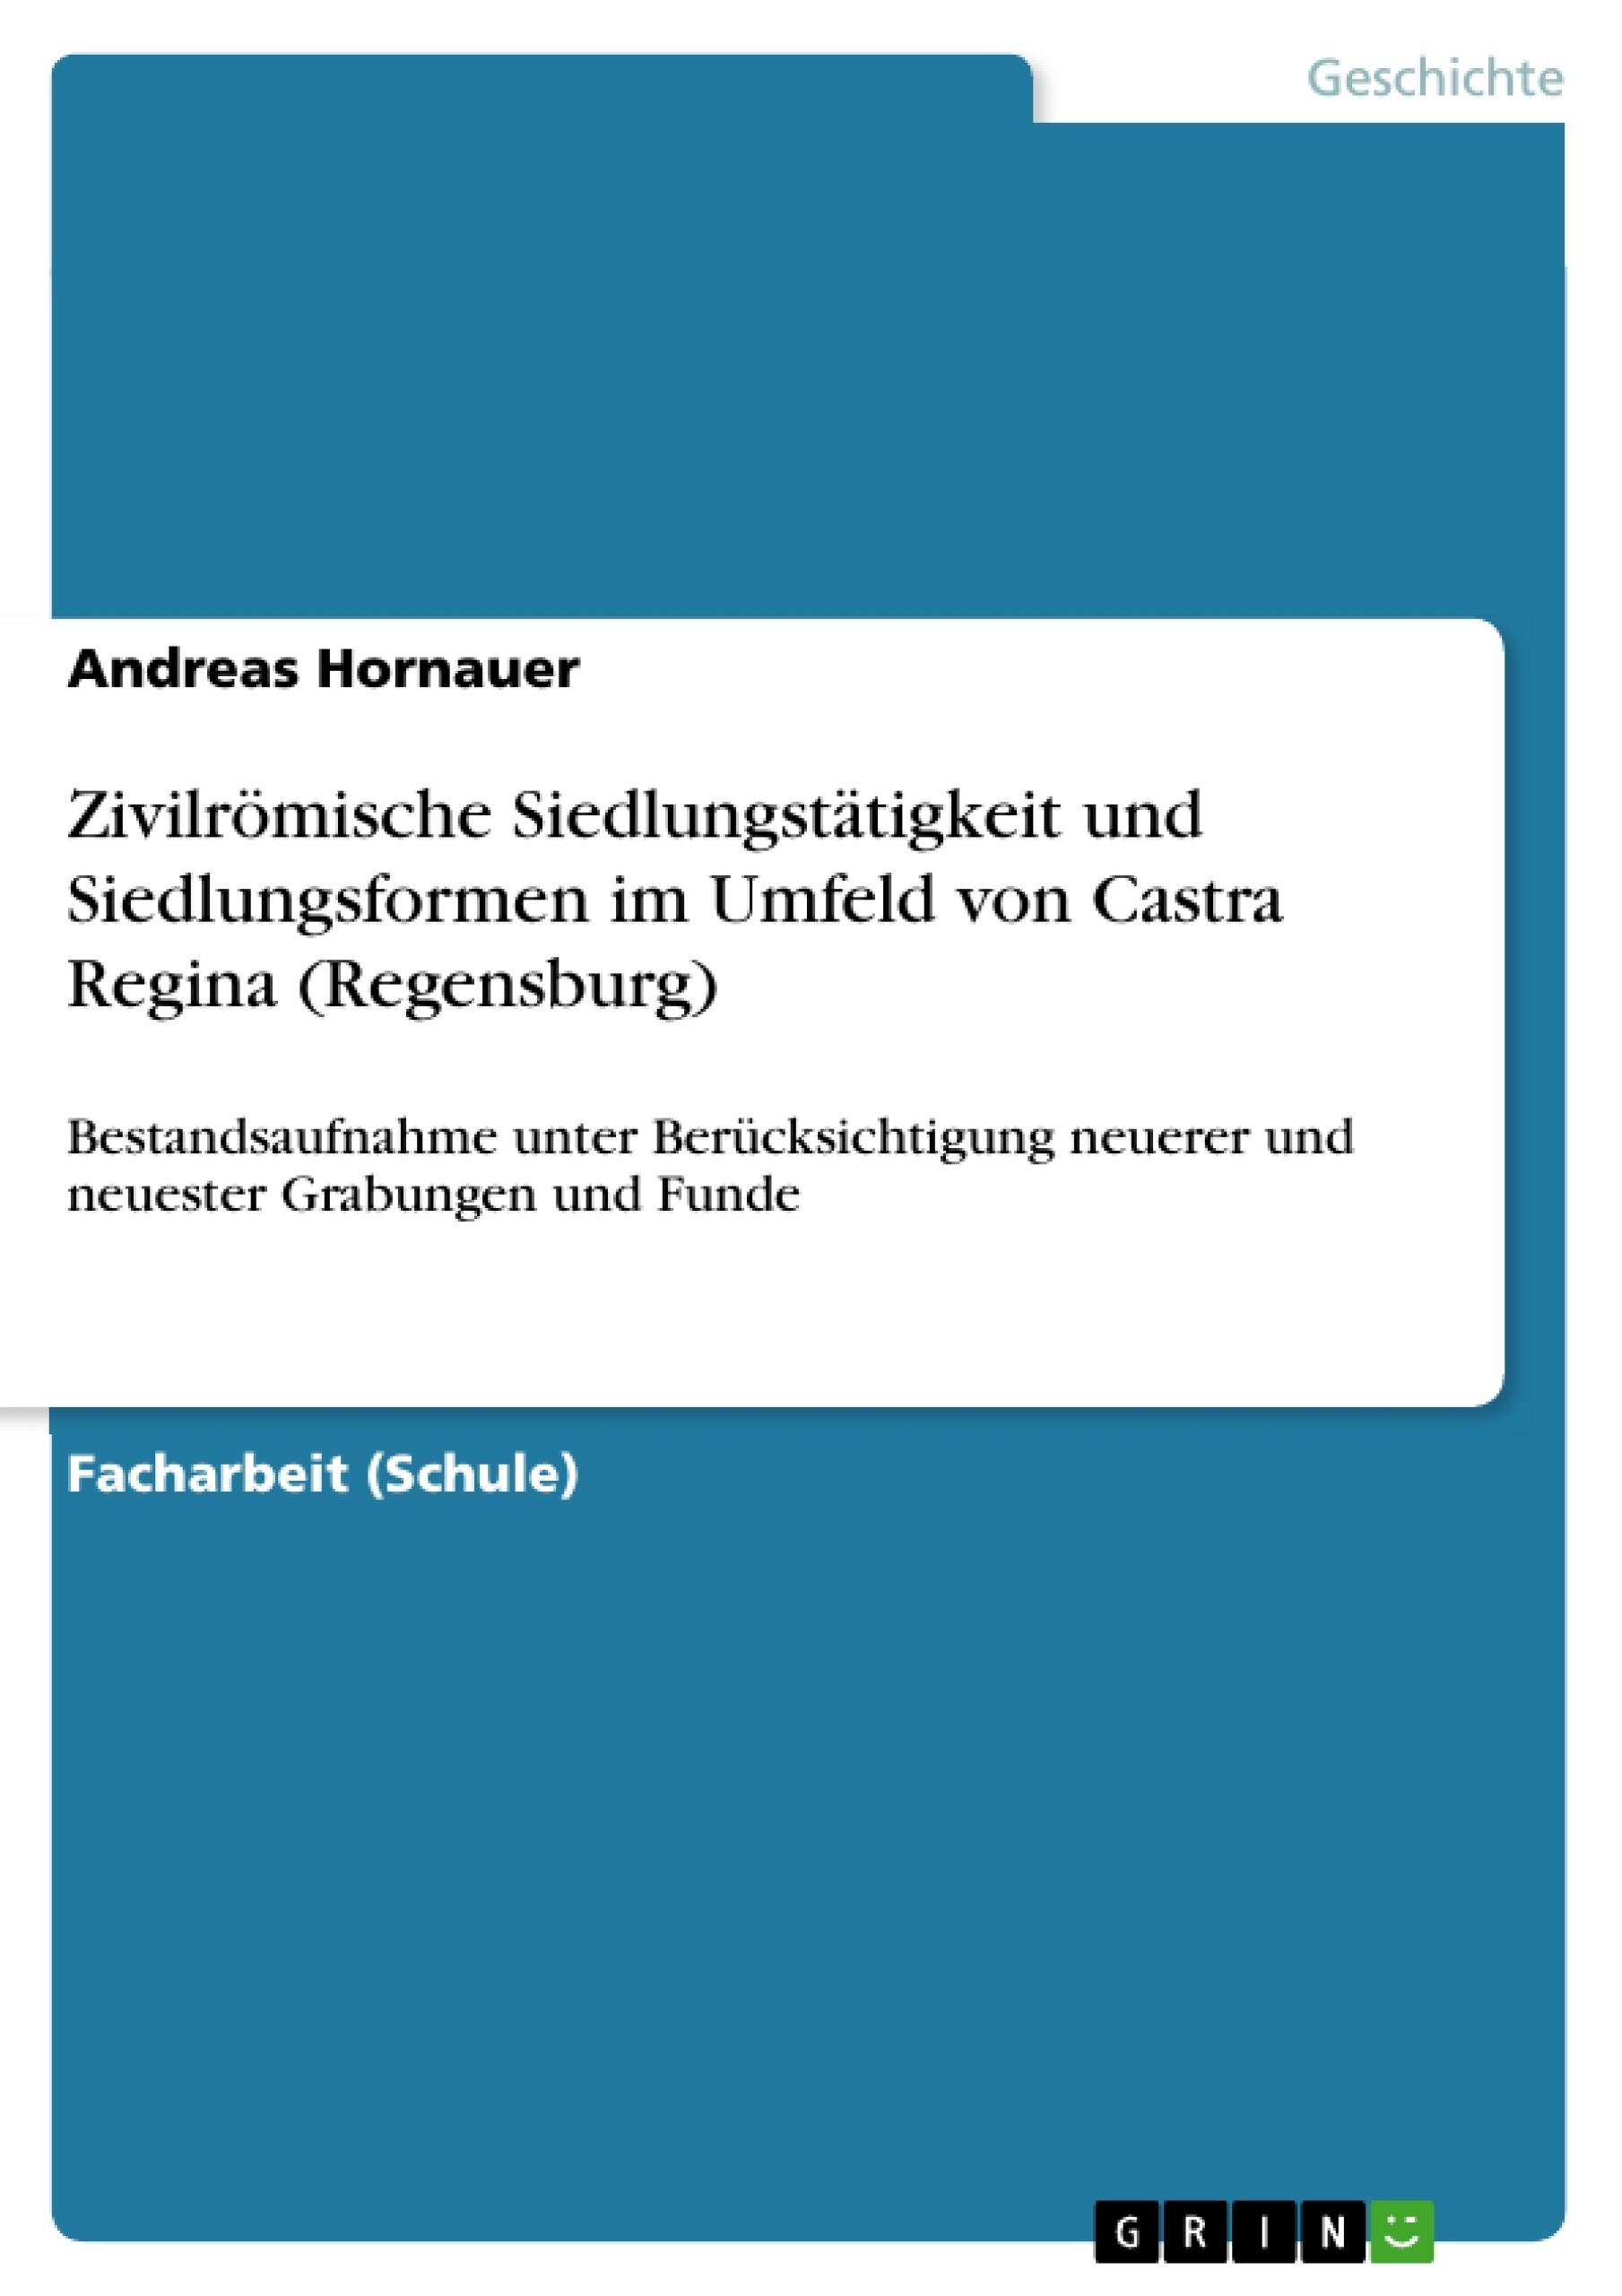 Titel: Zivilrömische Siedlungstätigkeit und Siedlungsformen im Umfeld von Castra Regina (Regensburg)